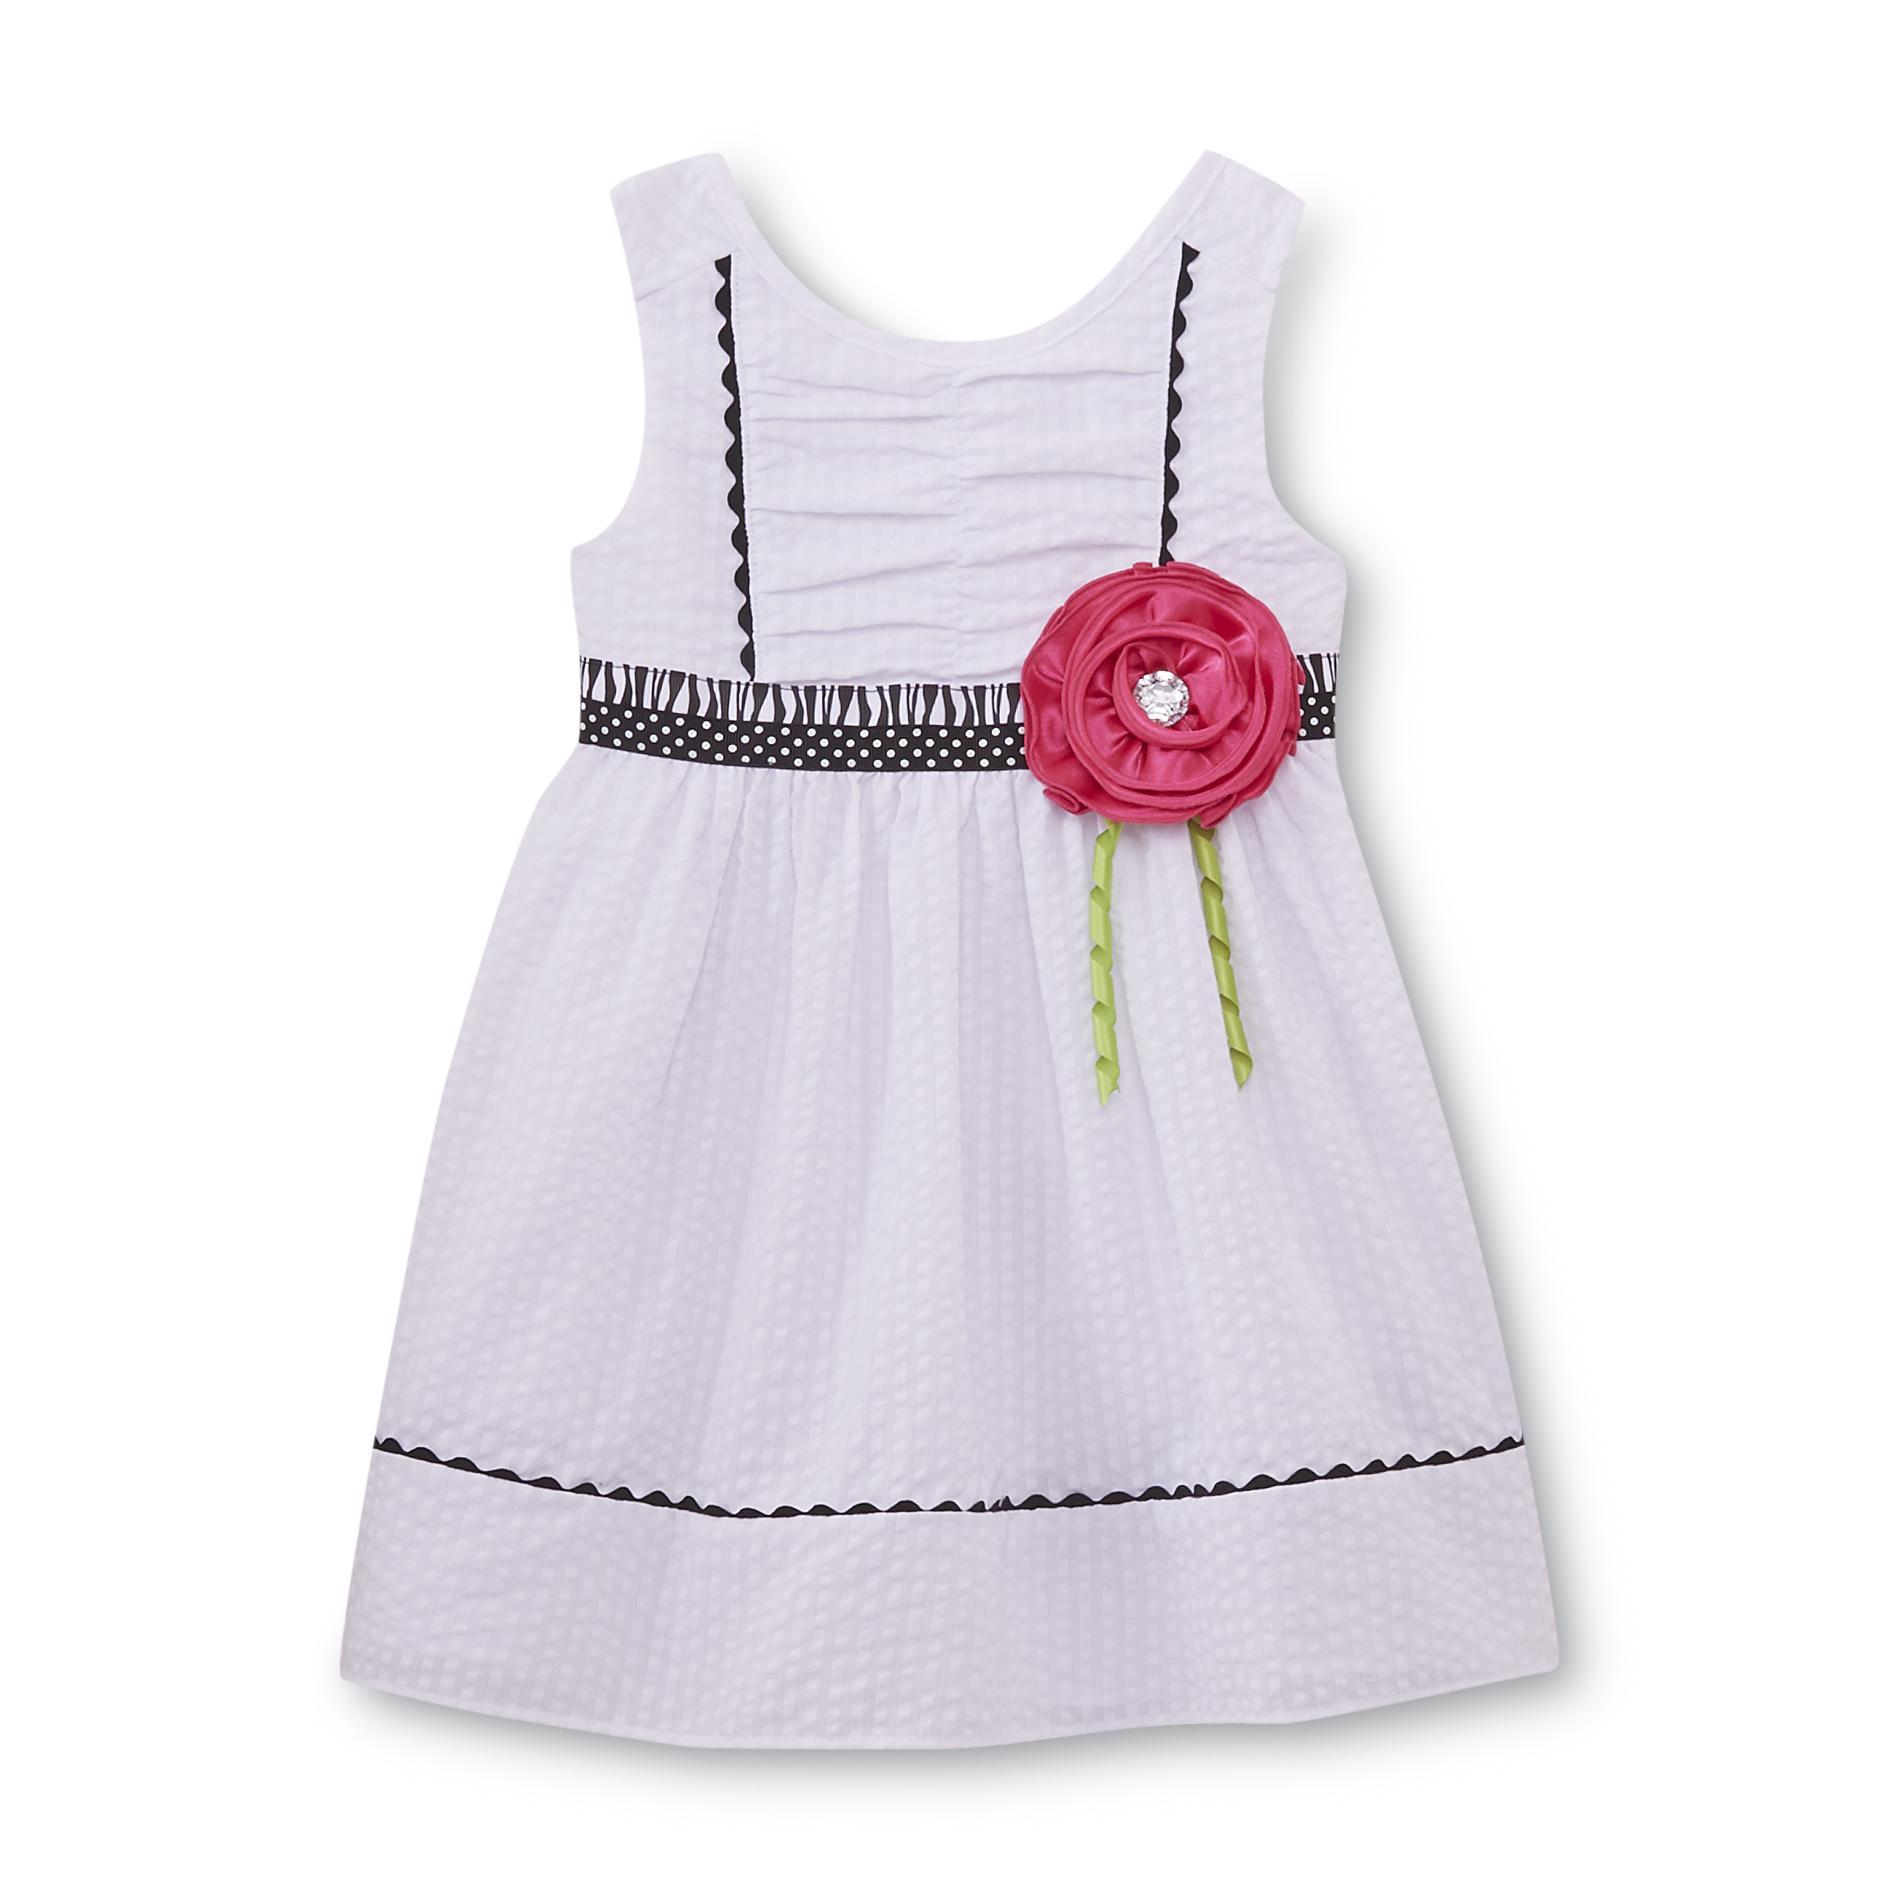 Youngland Infant & Toddler Girl's Seersucker Dress